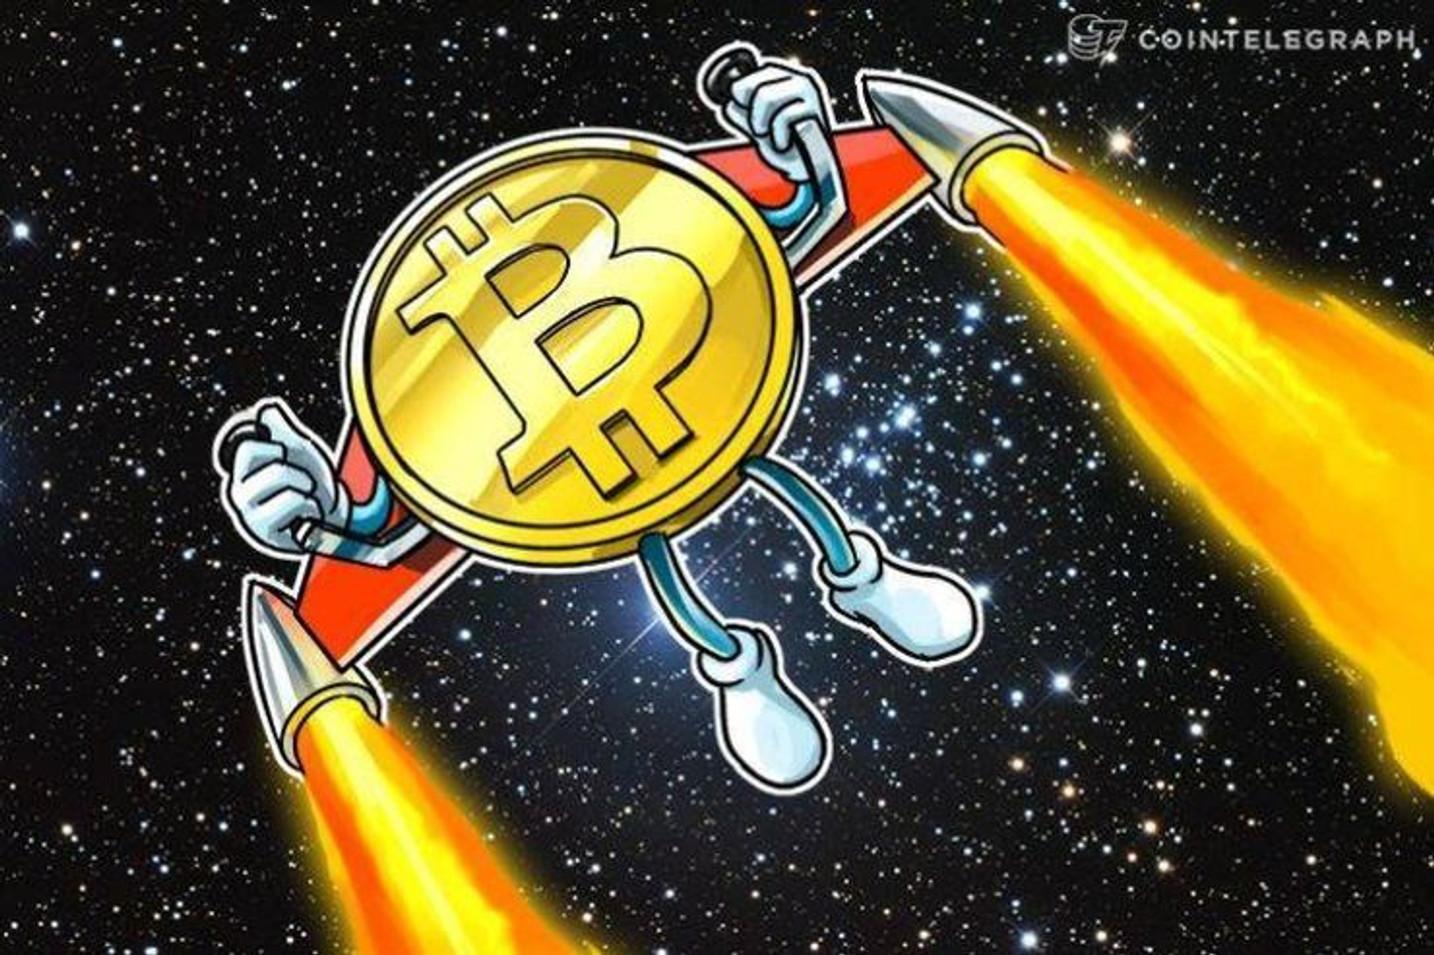 一時急落もコインチェック新規口座受付再開もあり回復、仮想通貨ビットコイン相場市況